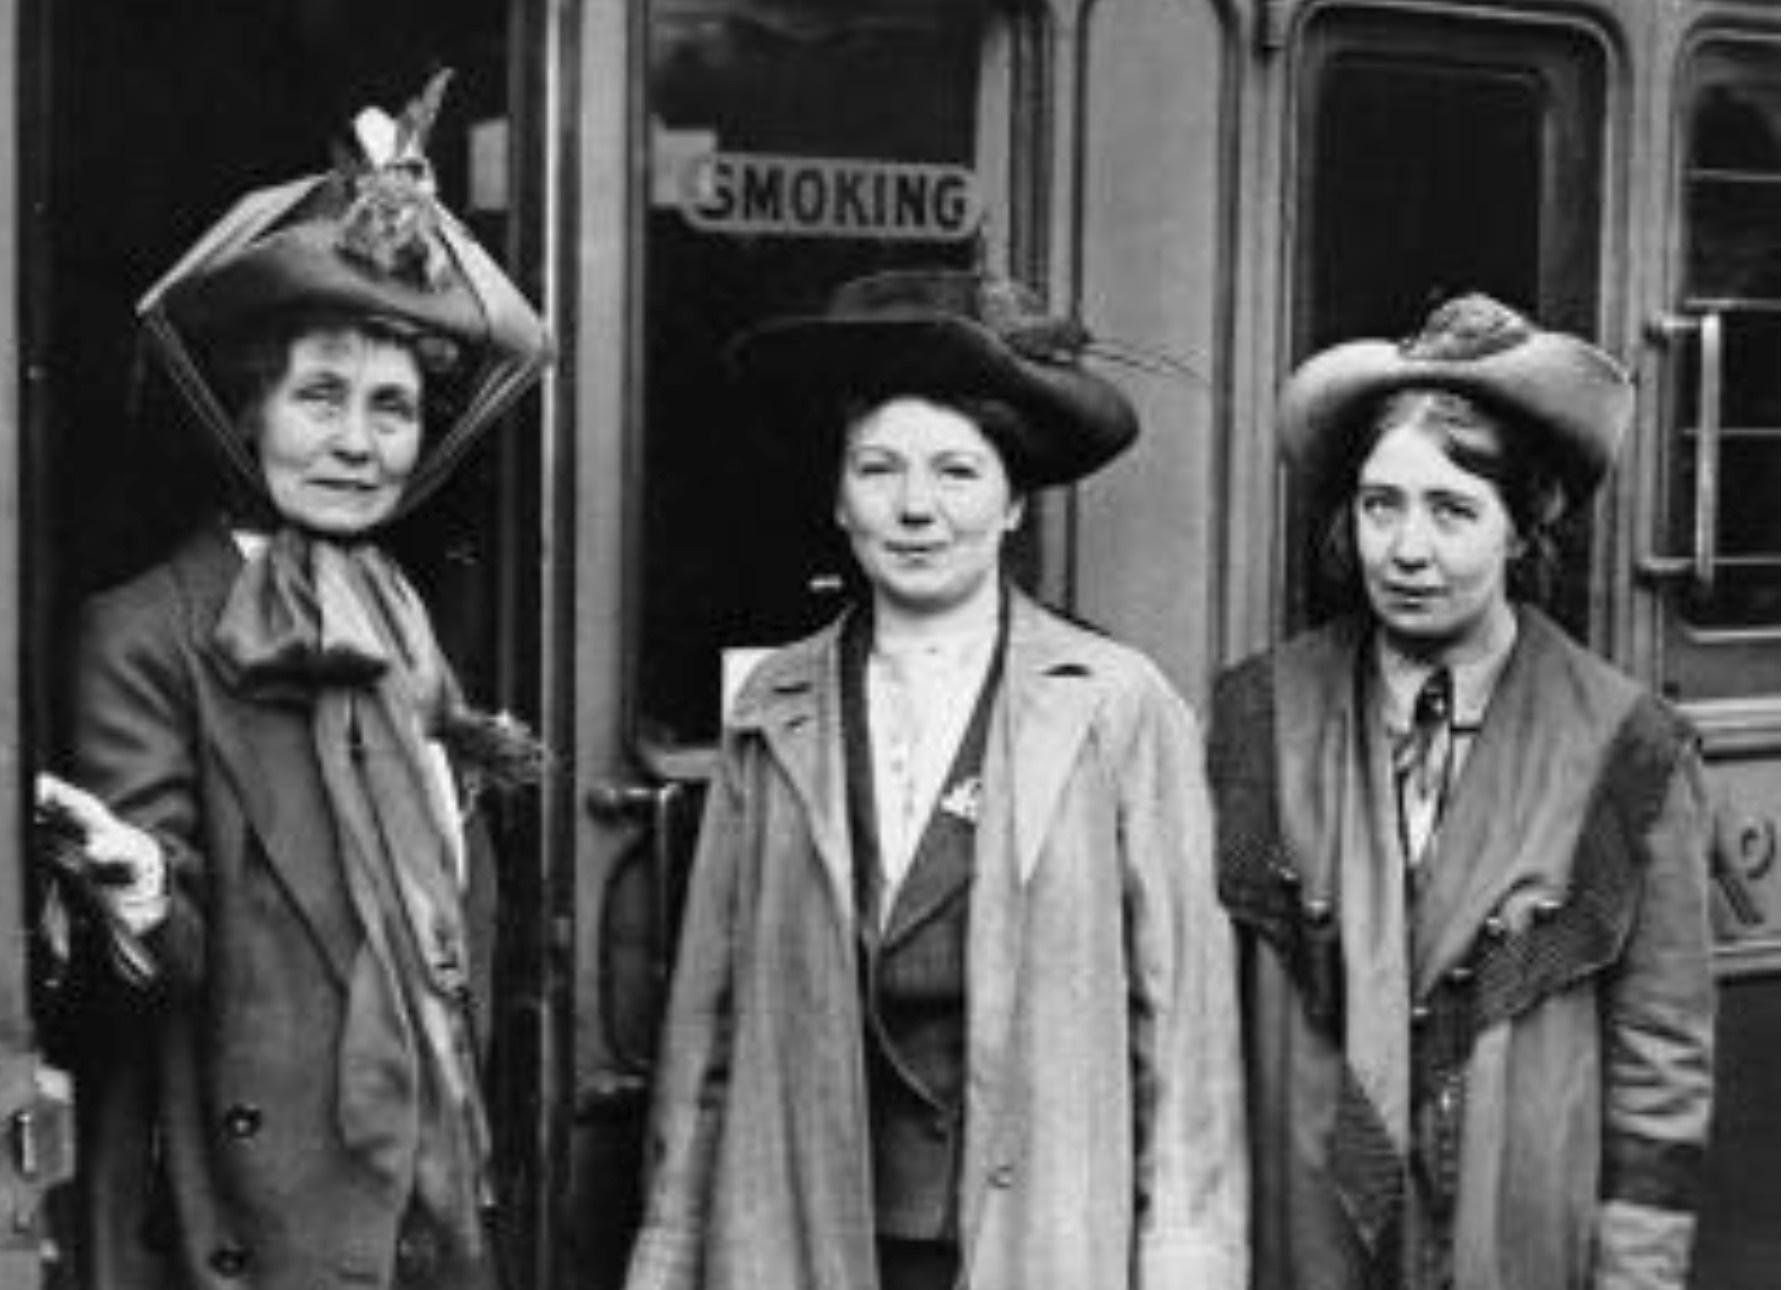 As líderes das sufragistas, que lutaram pelo voto feminino. Algumas se juntaram ao movimento pacifista na Primeira Guerra Mundial. Acervo Imperial War Museum